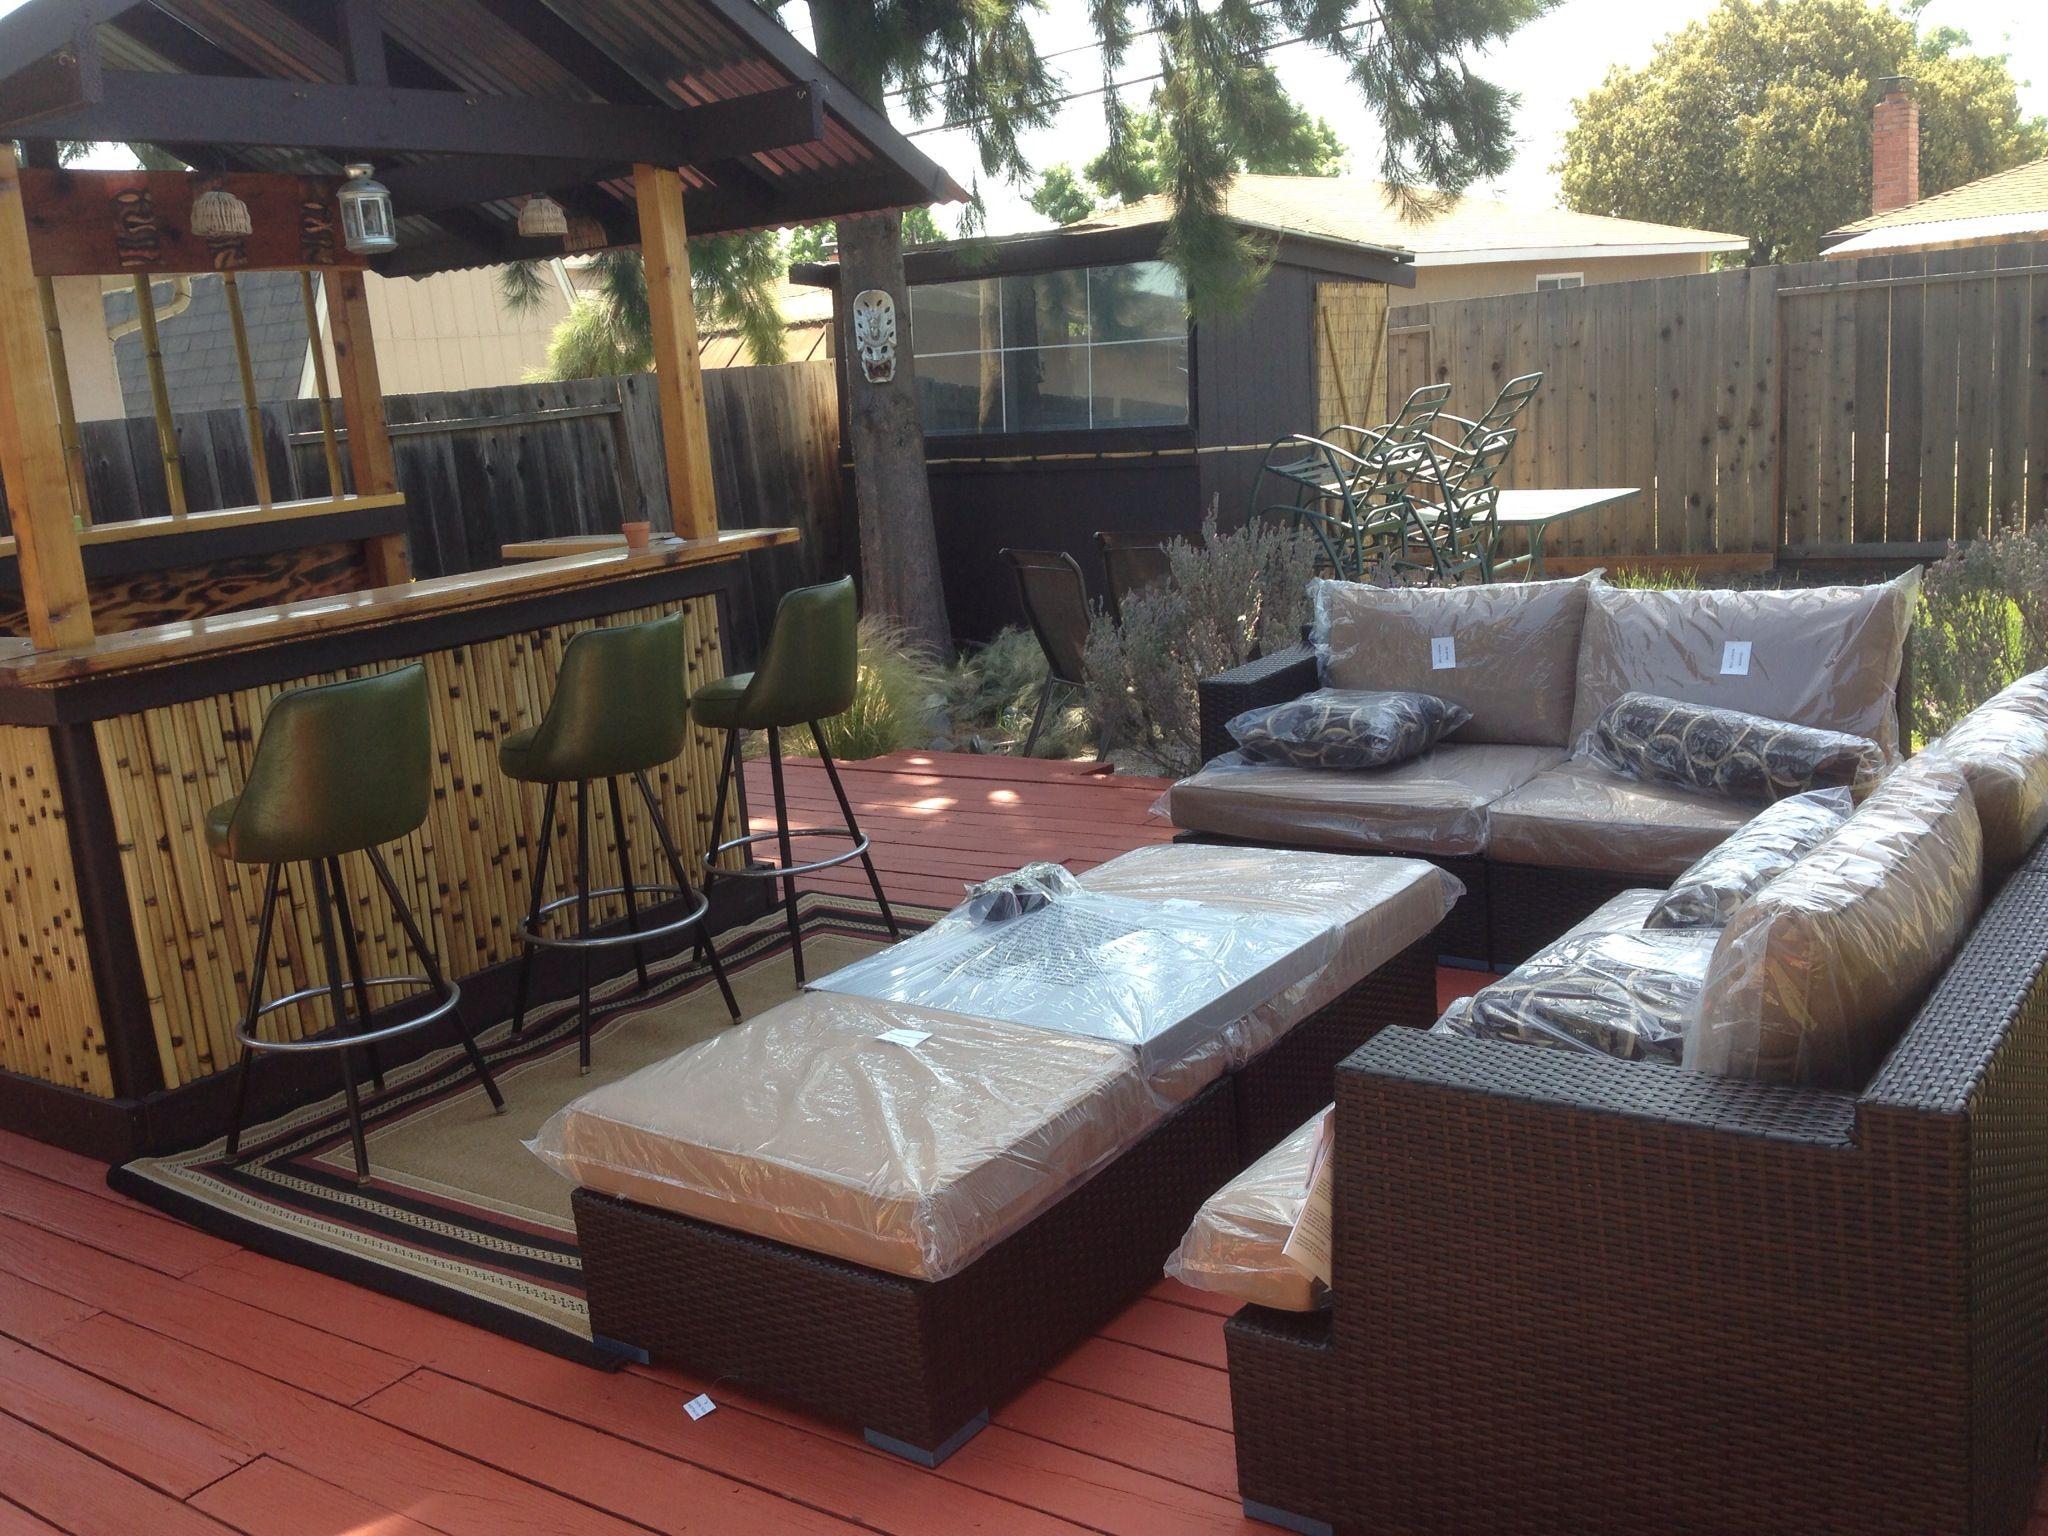 Backyard Tiki Bar Pictures : Outdoor+Tiki+Bar My backyard tiki bar and deck  Tiki backyard